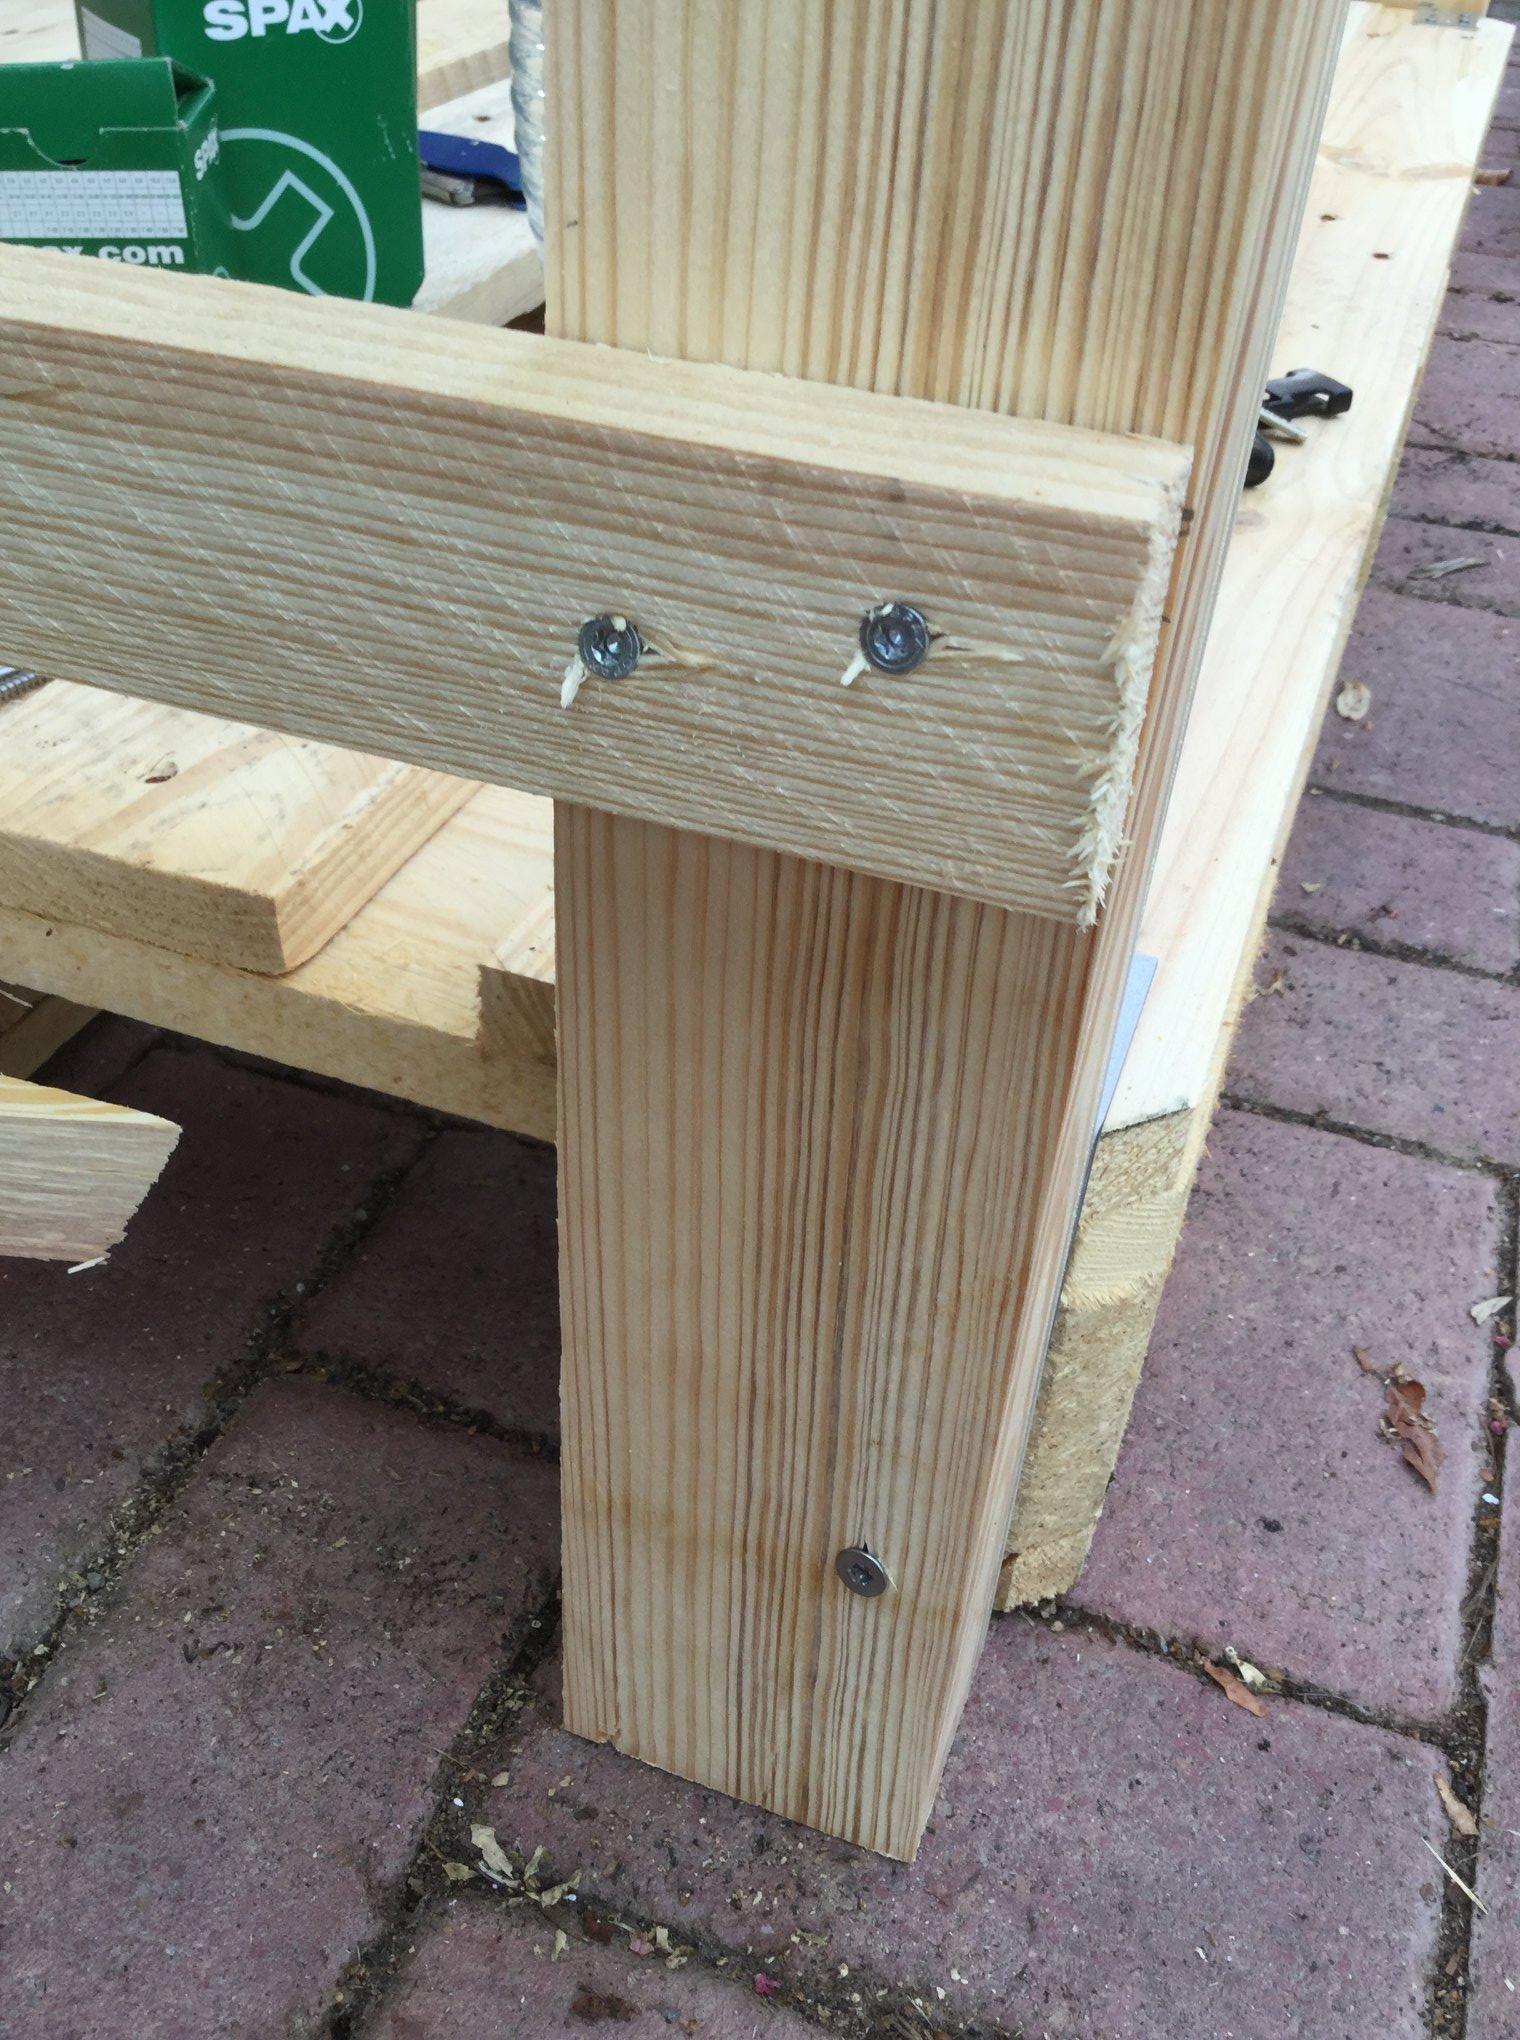 Beliebt Paletten Upcycling: Massiven Holzunterstand selbst bauen GI25